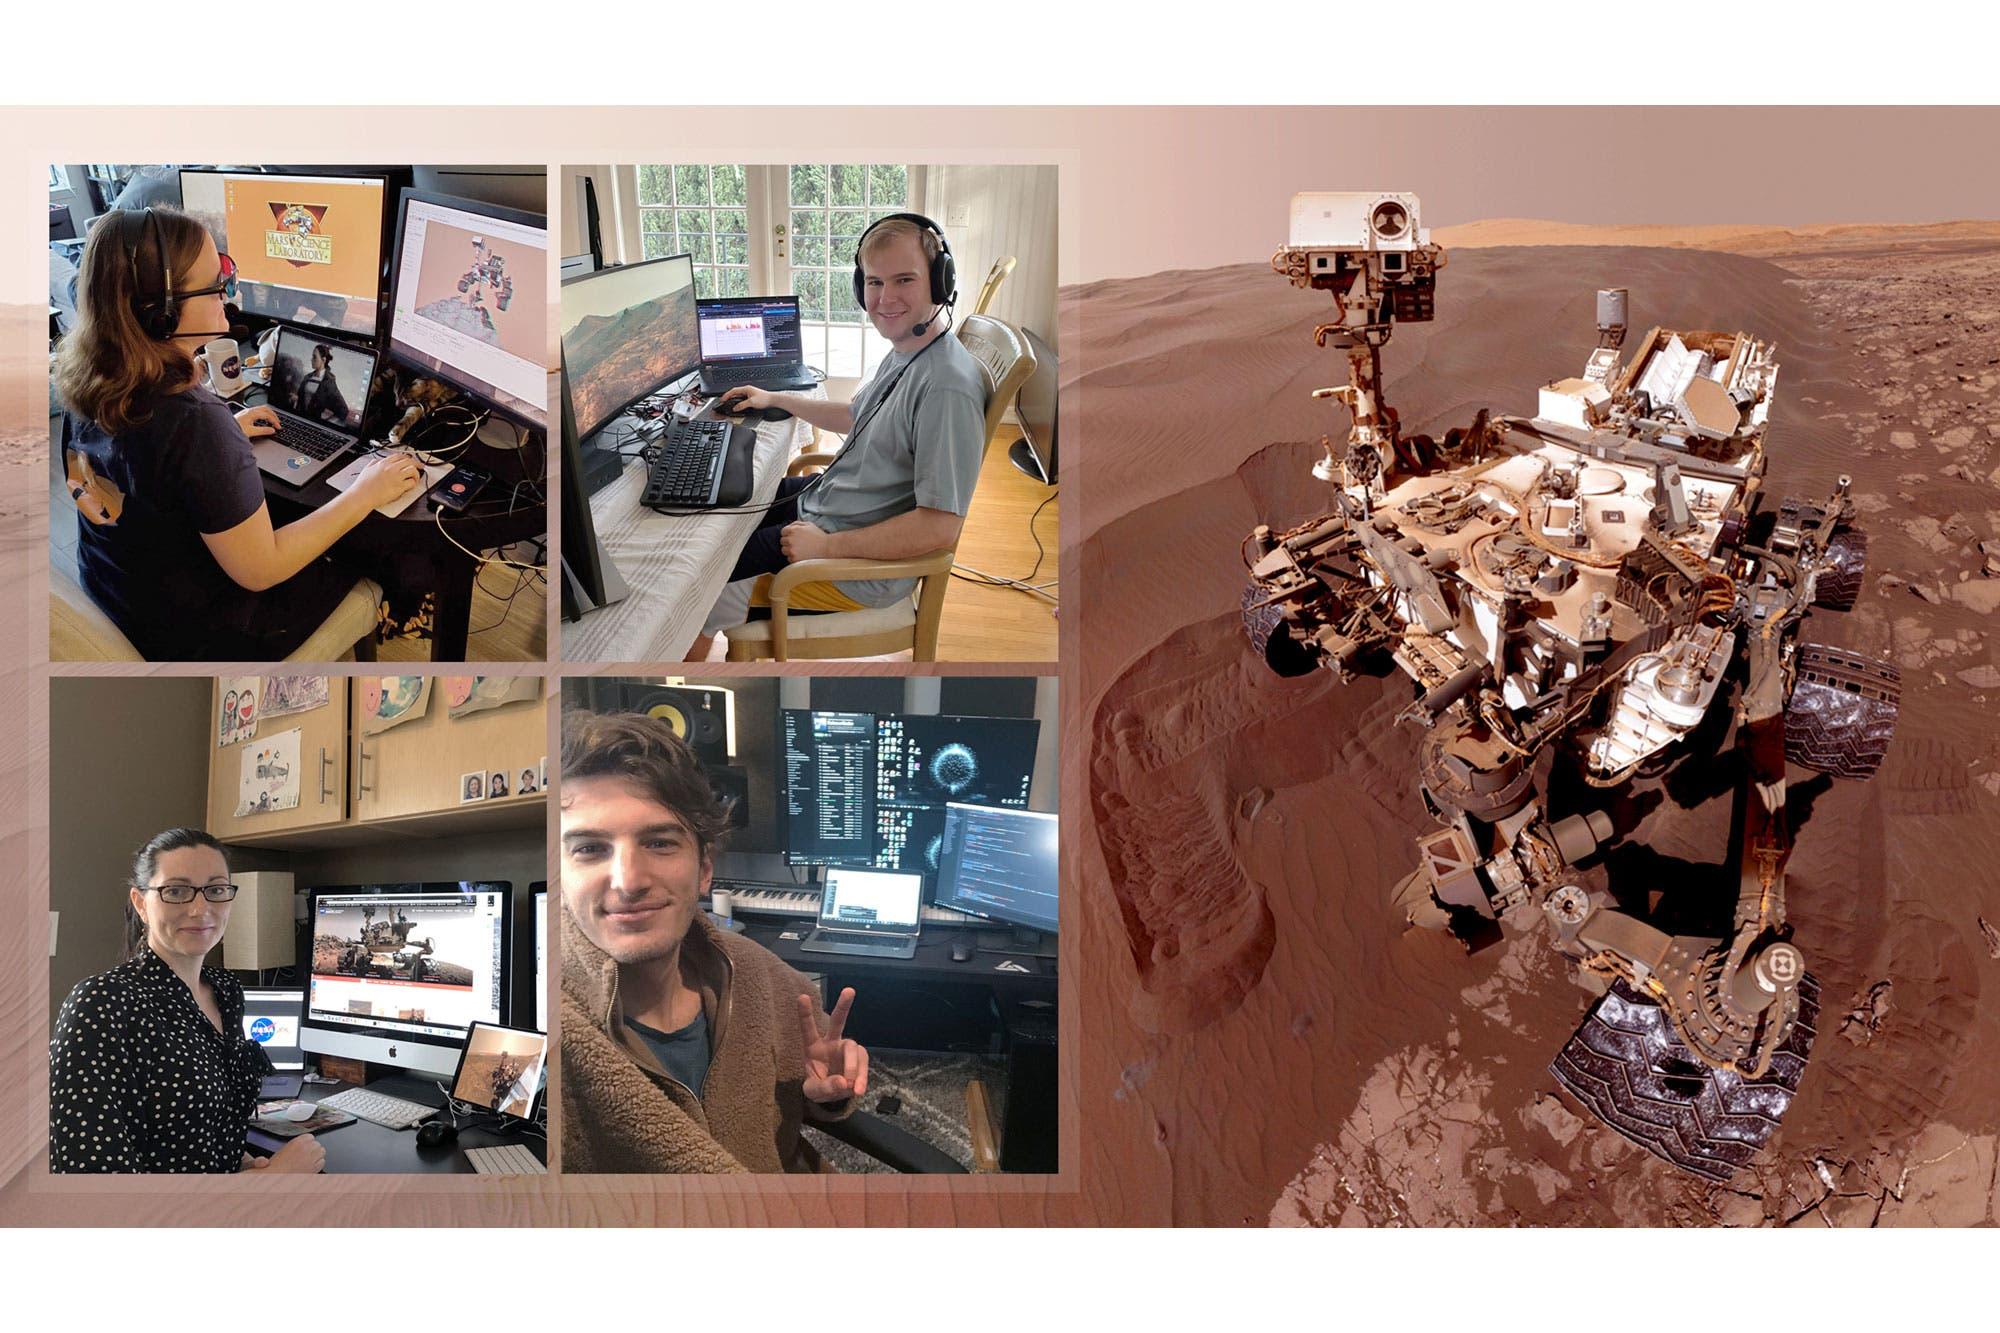 Desde casa hasta Marte: así funciona el control remoto de la NASA del rover Curiosity